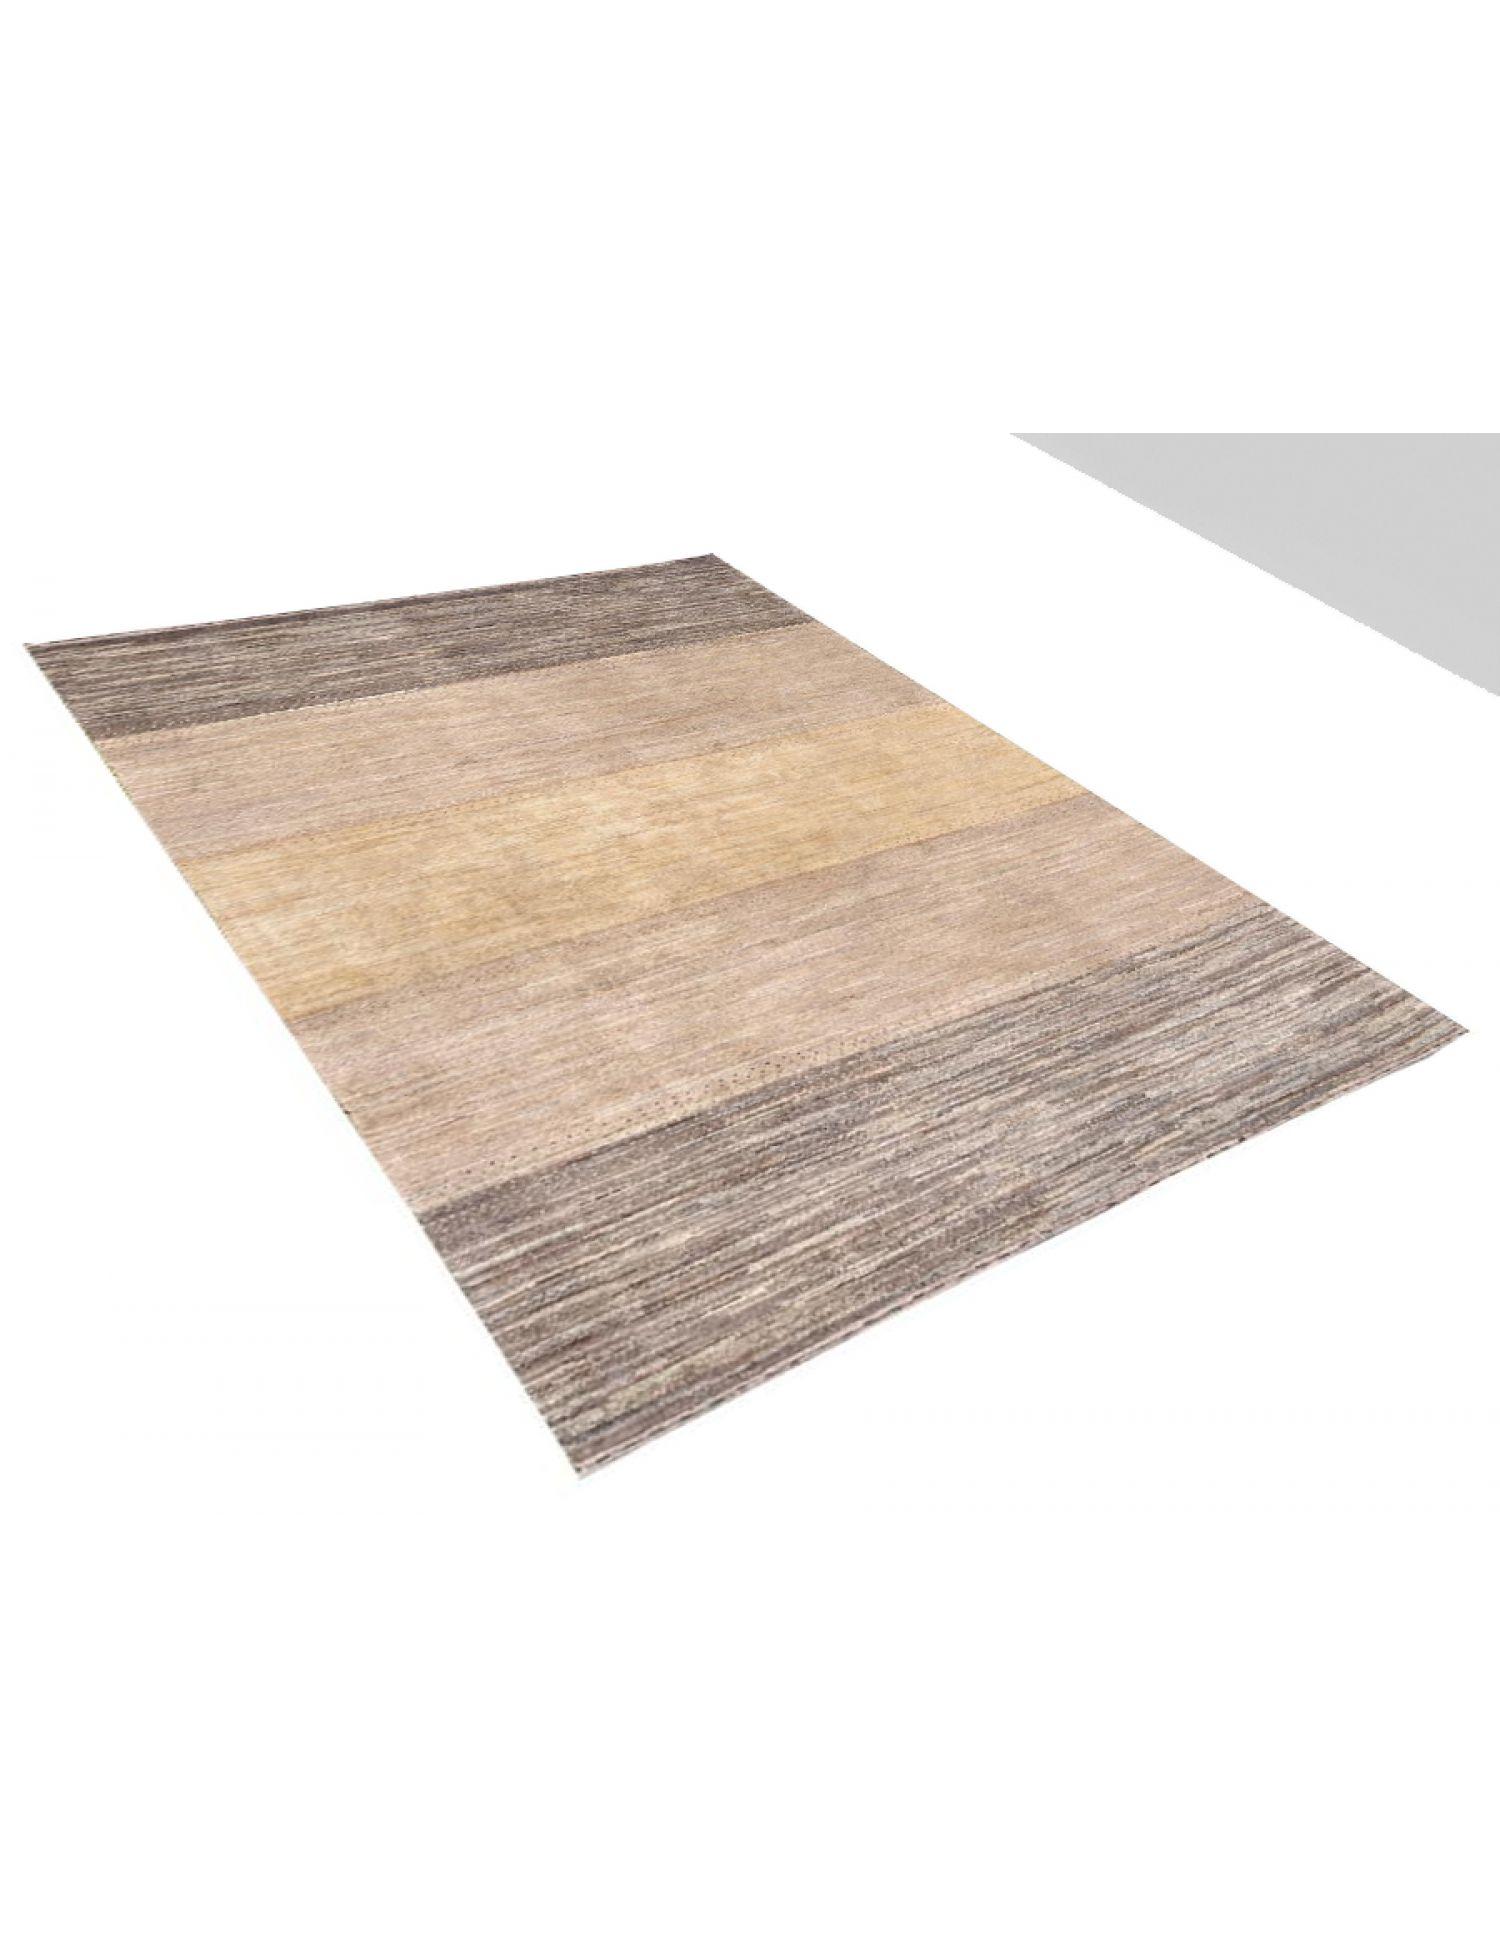 Moderne Teppiche   <br/>240 x 162 cm